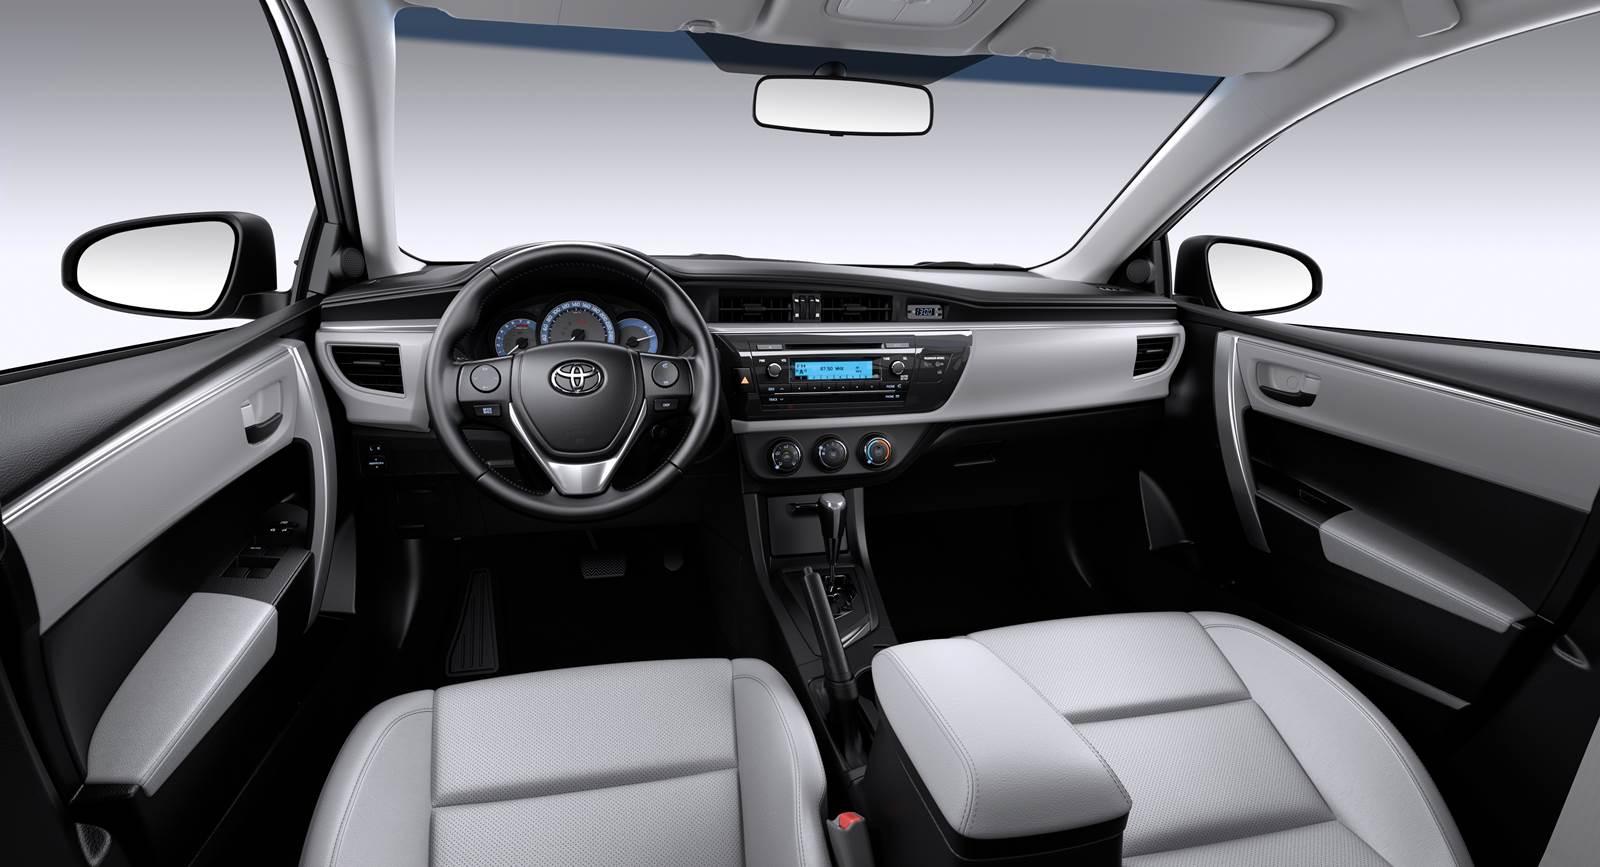 Novo Corolla 2016 interior